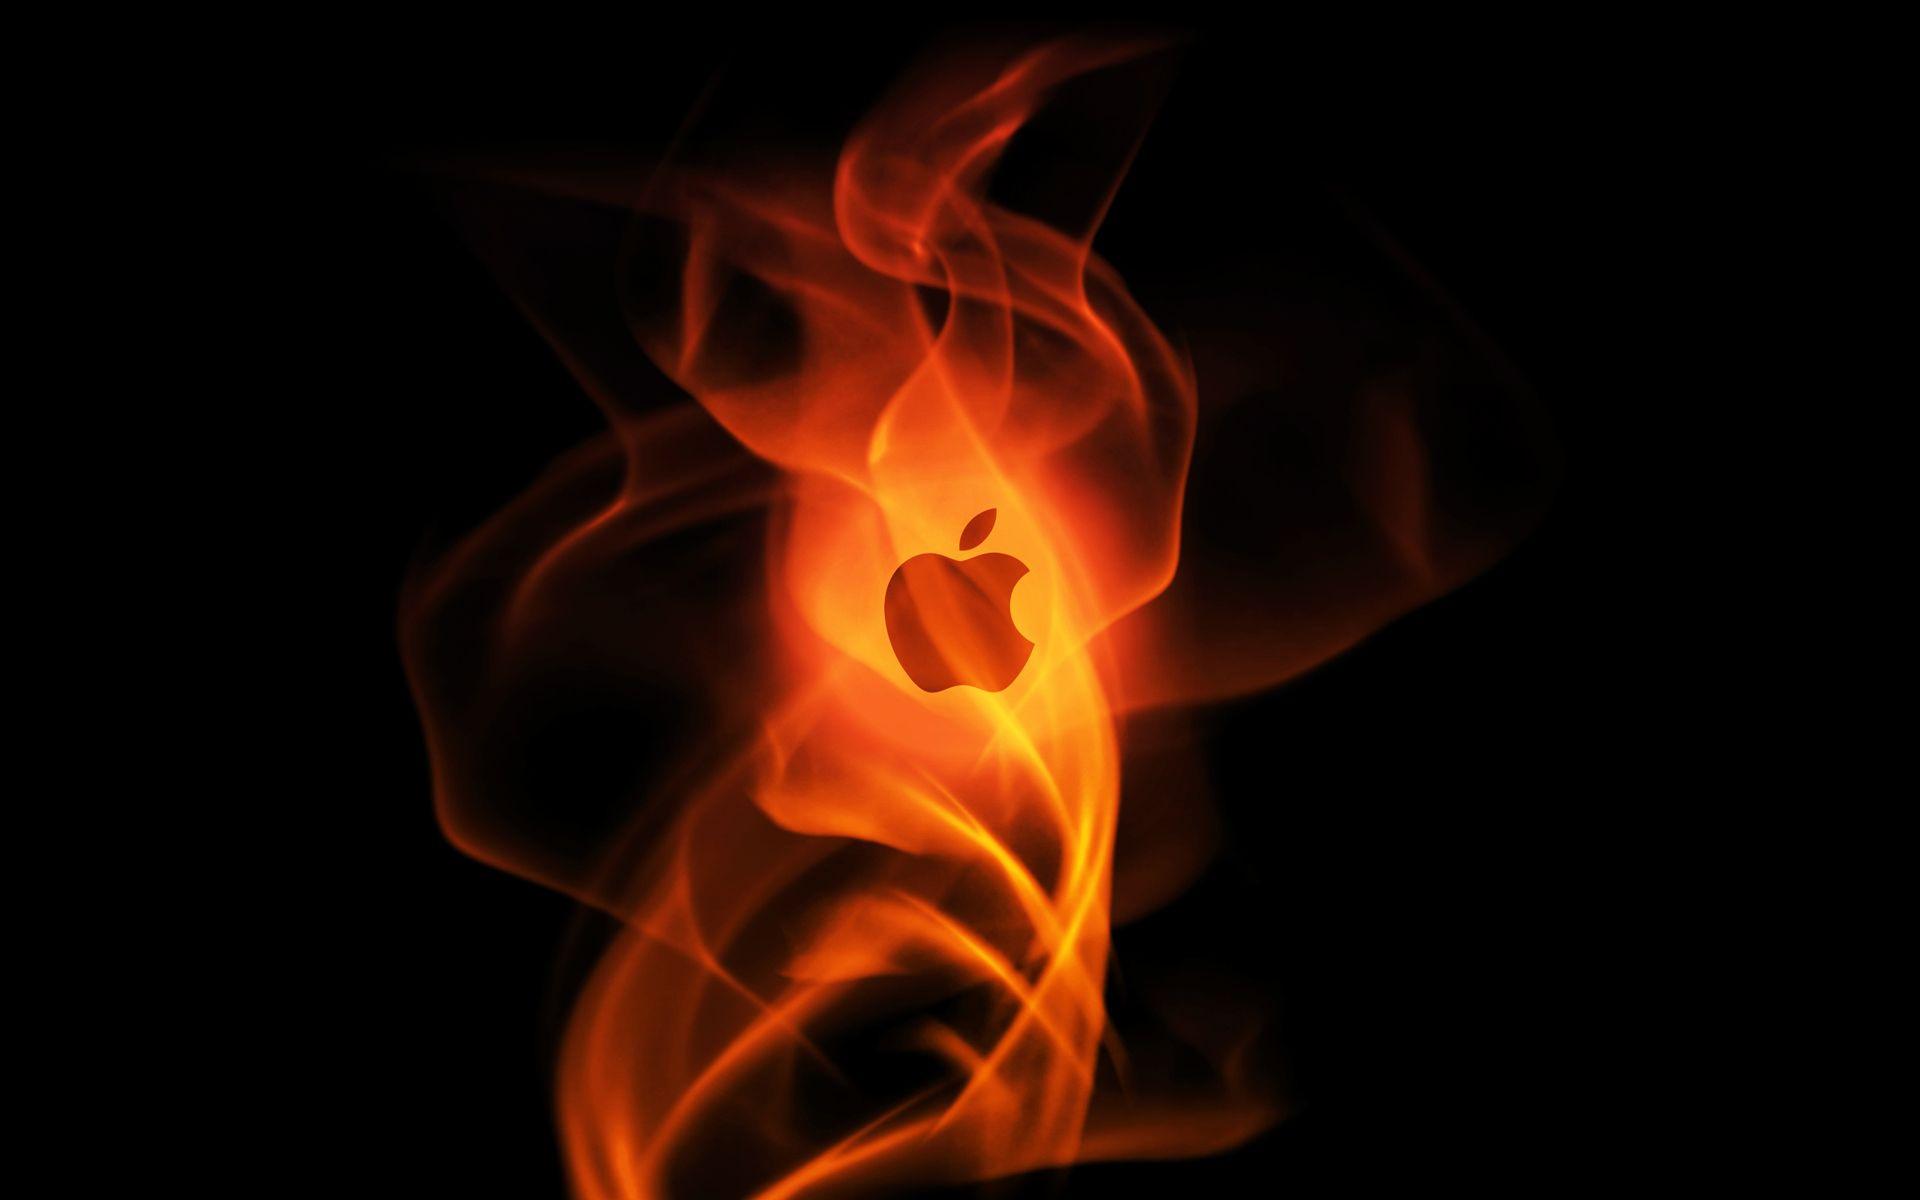 Apple Logo Fire Wallpaper Apple Galaxy Wallpaper Apple Wallpaper Apple Logo